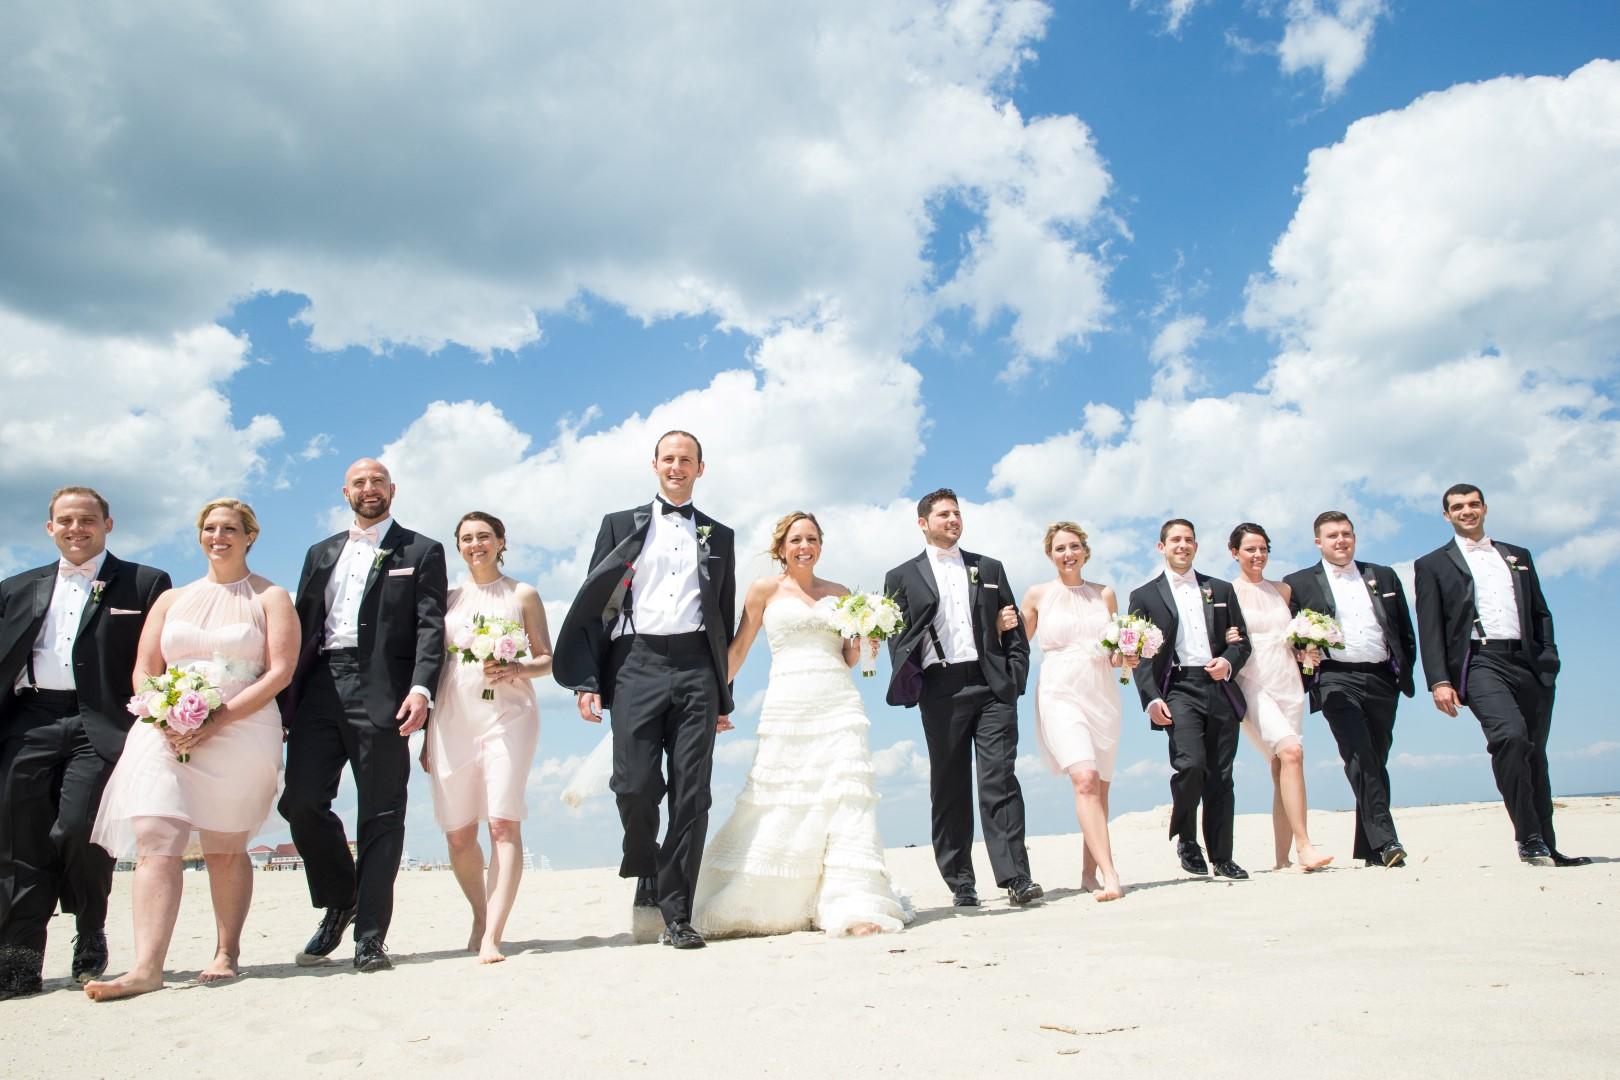 Wedding Photography And Cinematography Wedding Photography